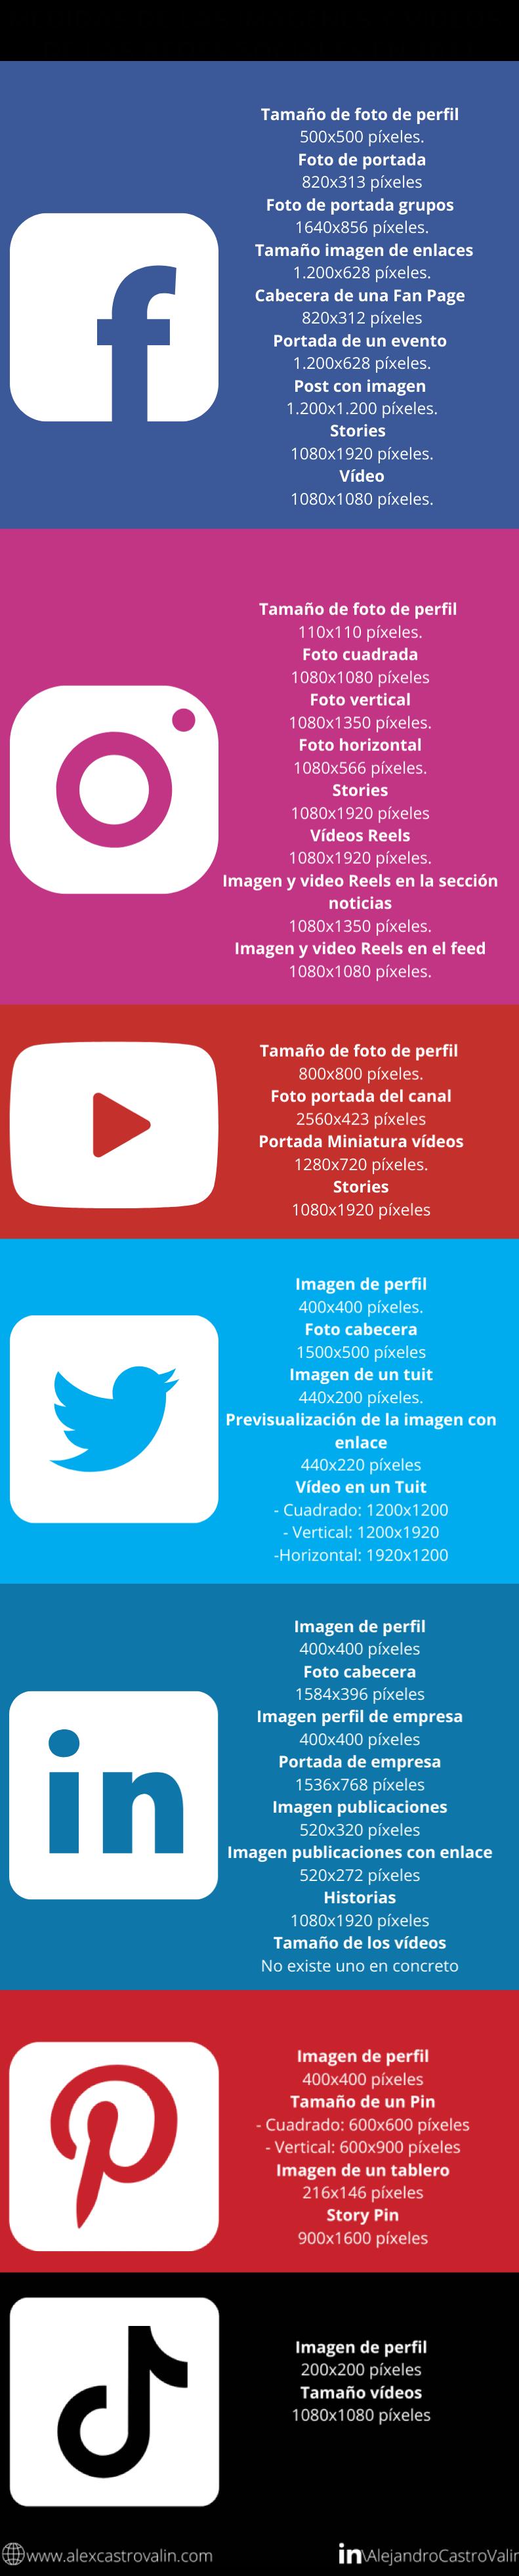 Infografia - Tamaño de las imágenes en redes sociales en 2021